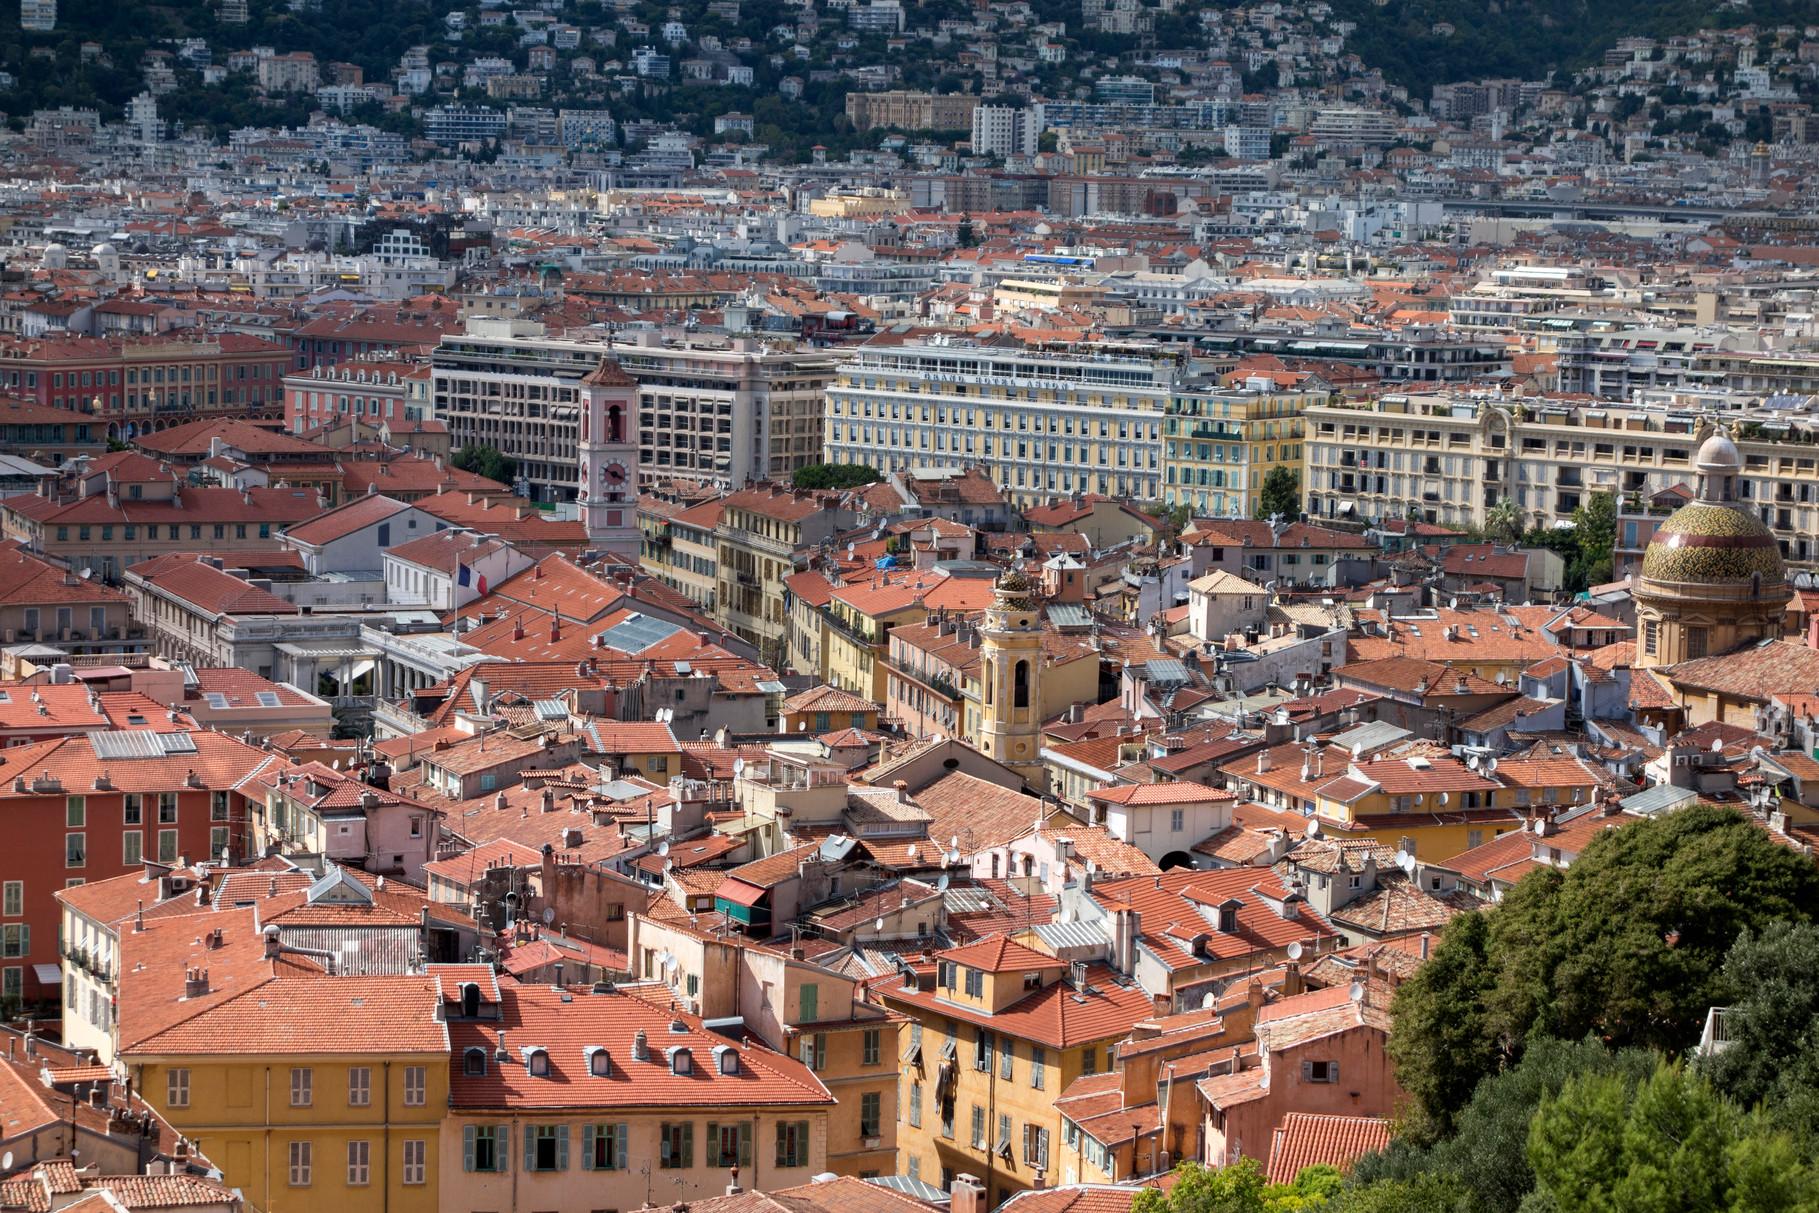 Blick auf Altstadt und Neustadt